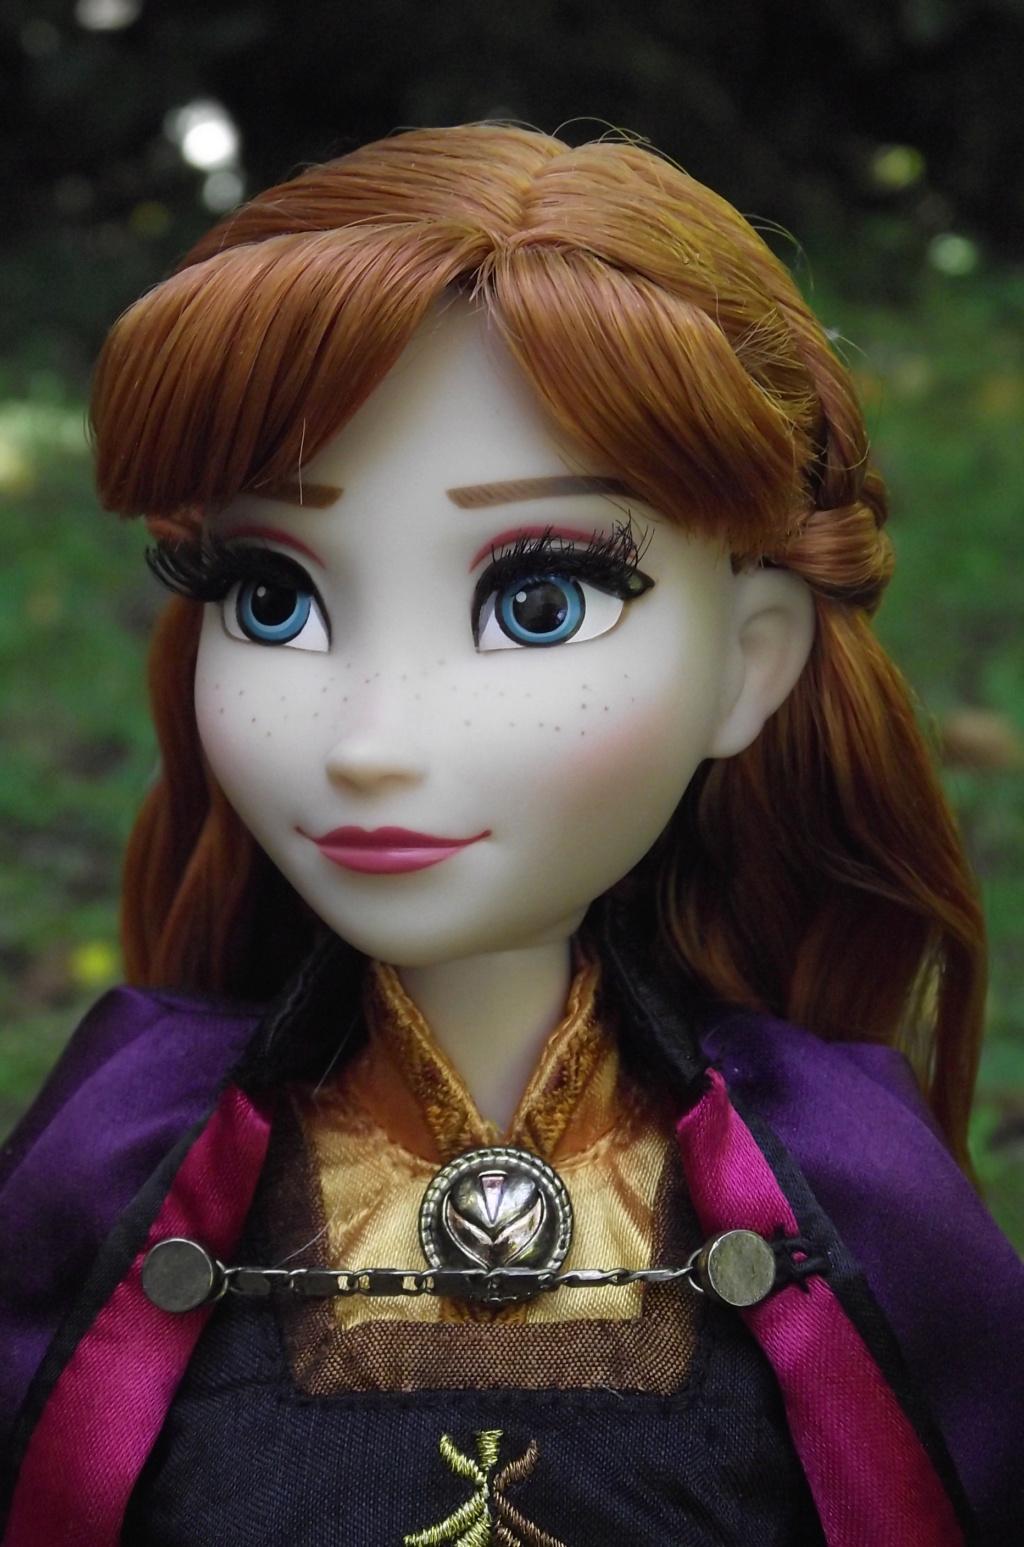 Nos poupées LE en photo : Pour le plaisir de partager - Page 29 Dscf4125